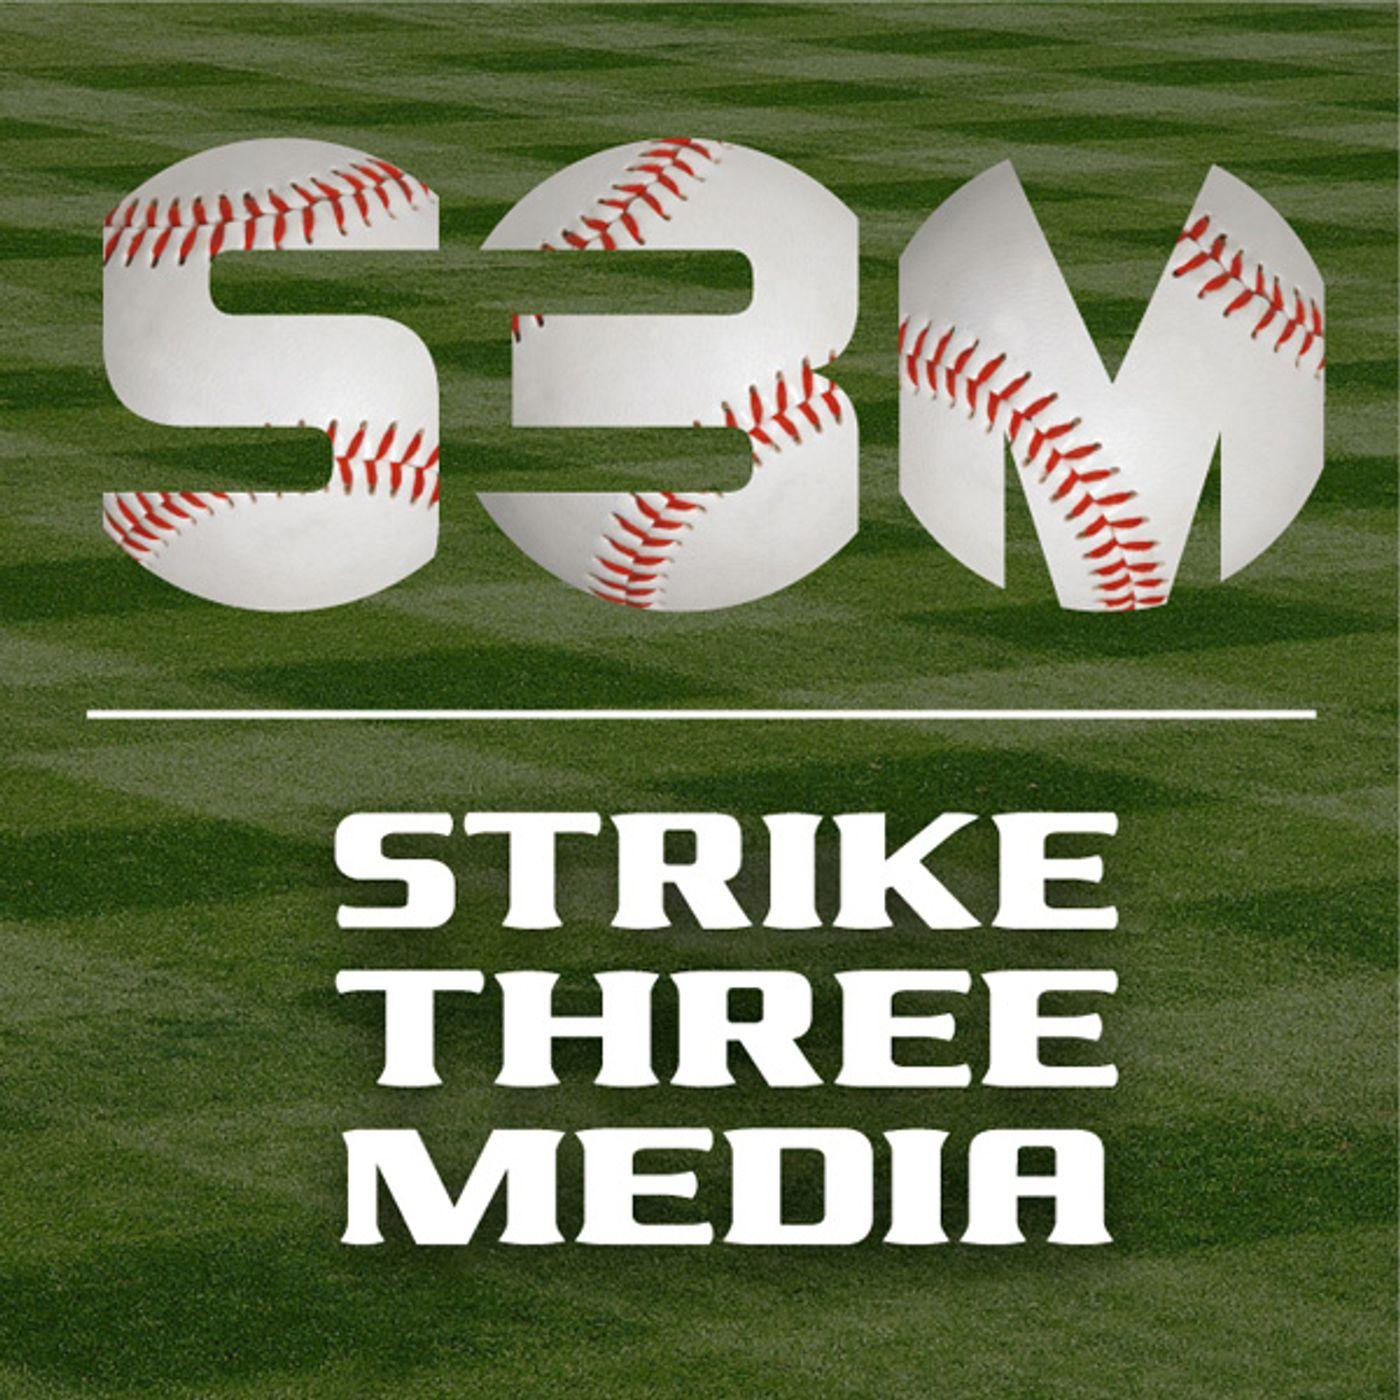 Strike 3 Media